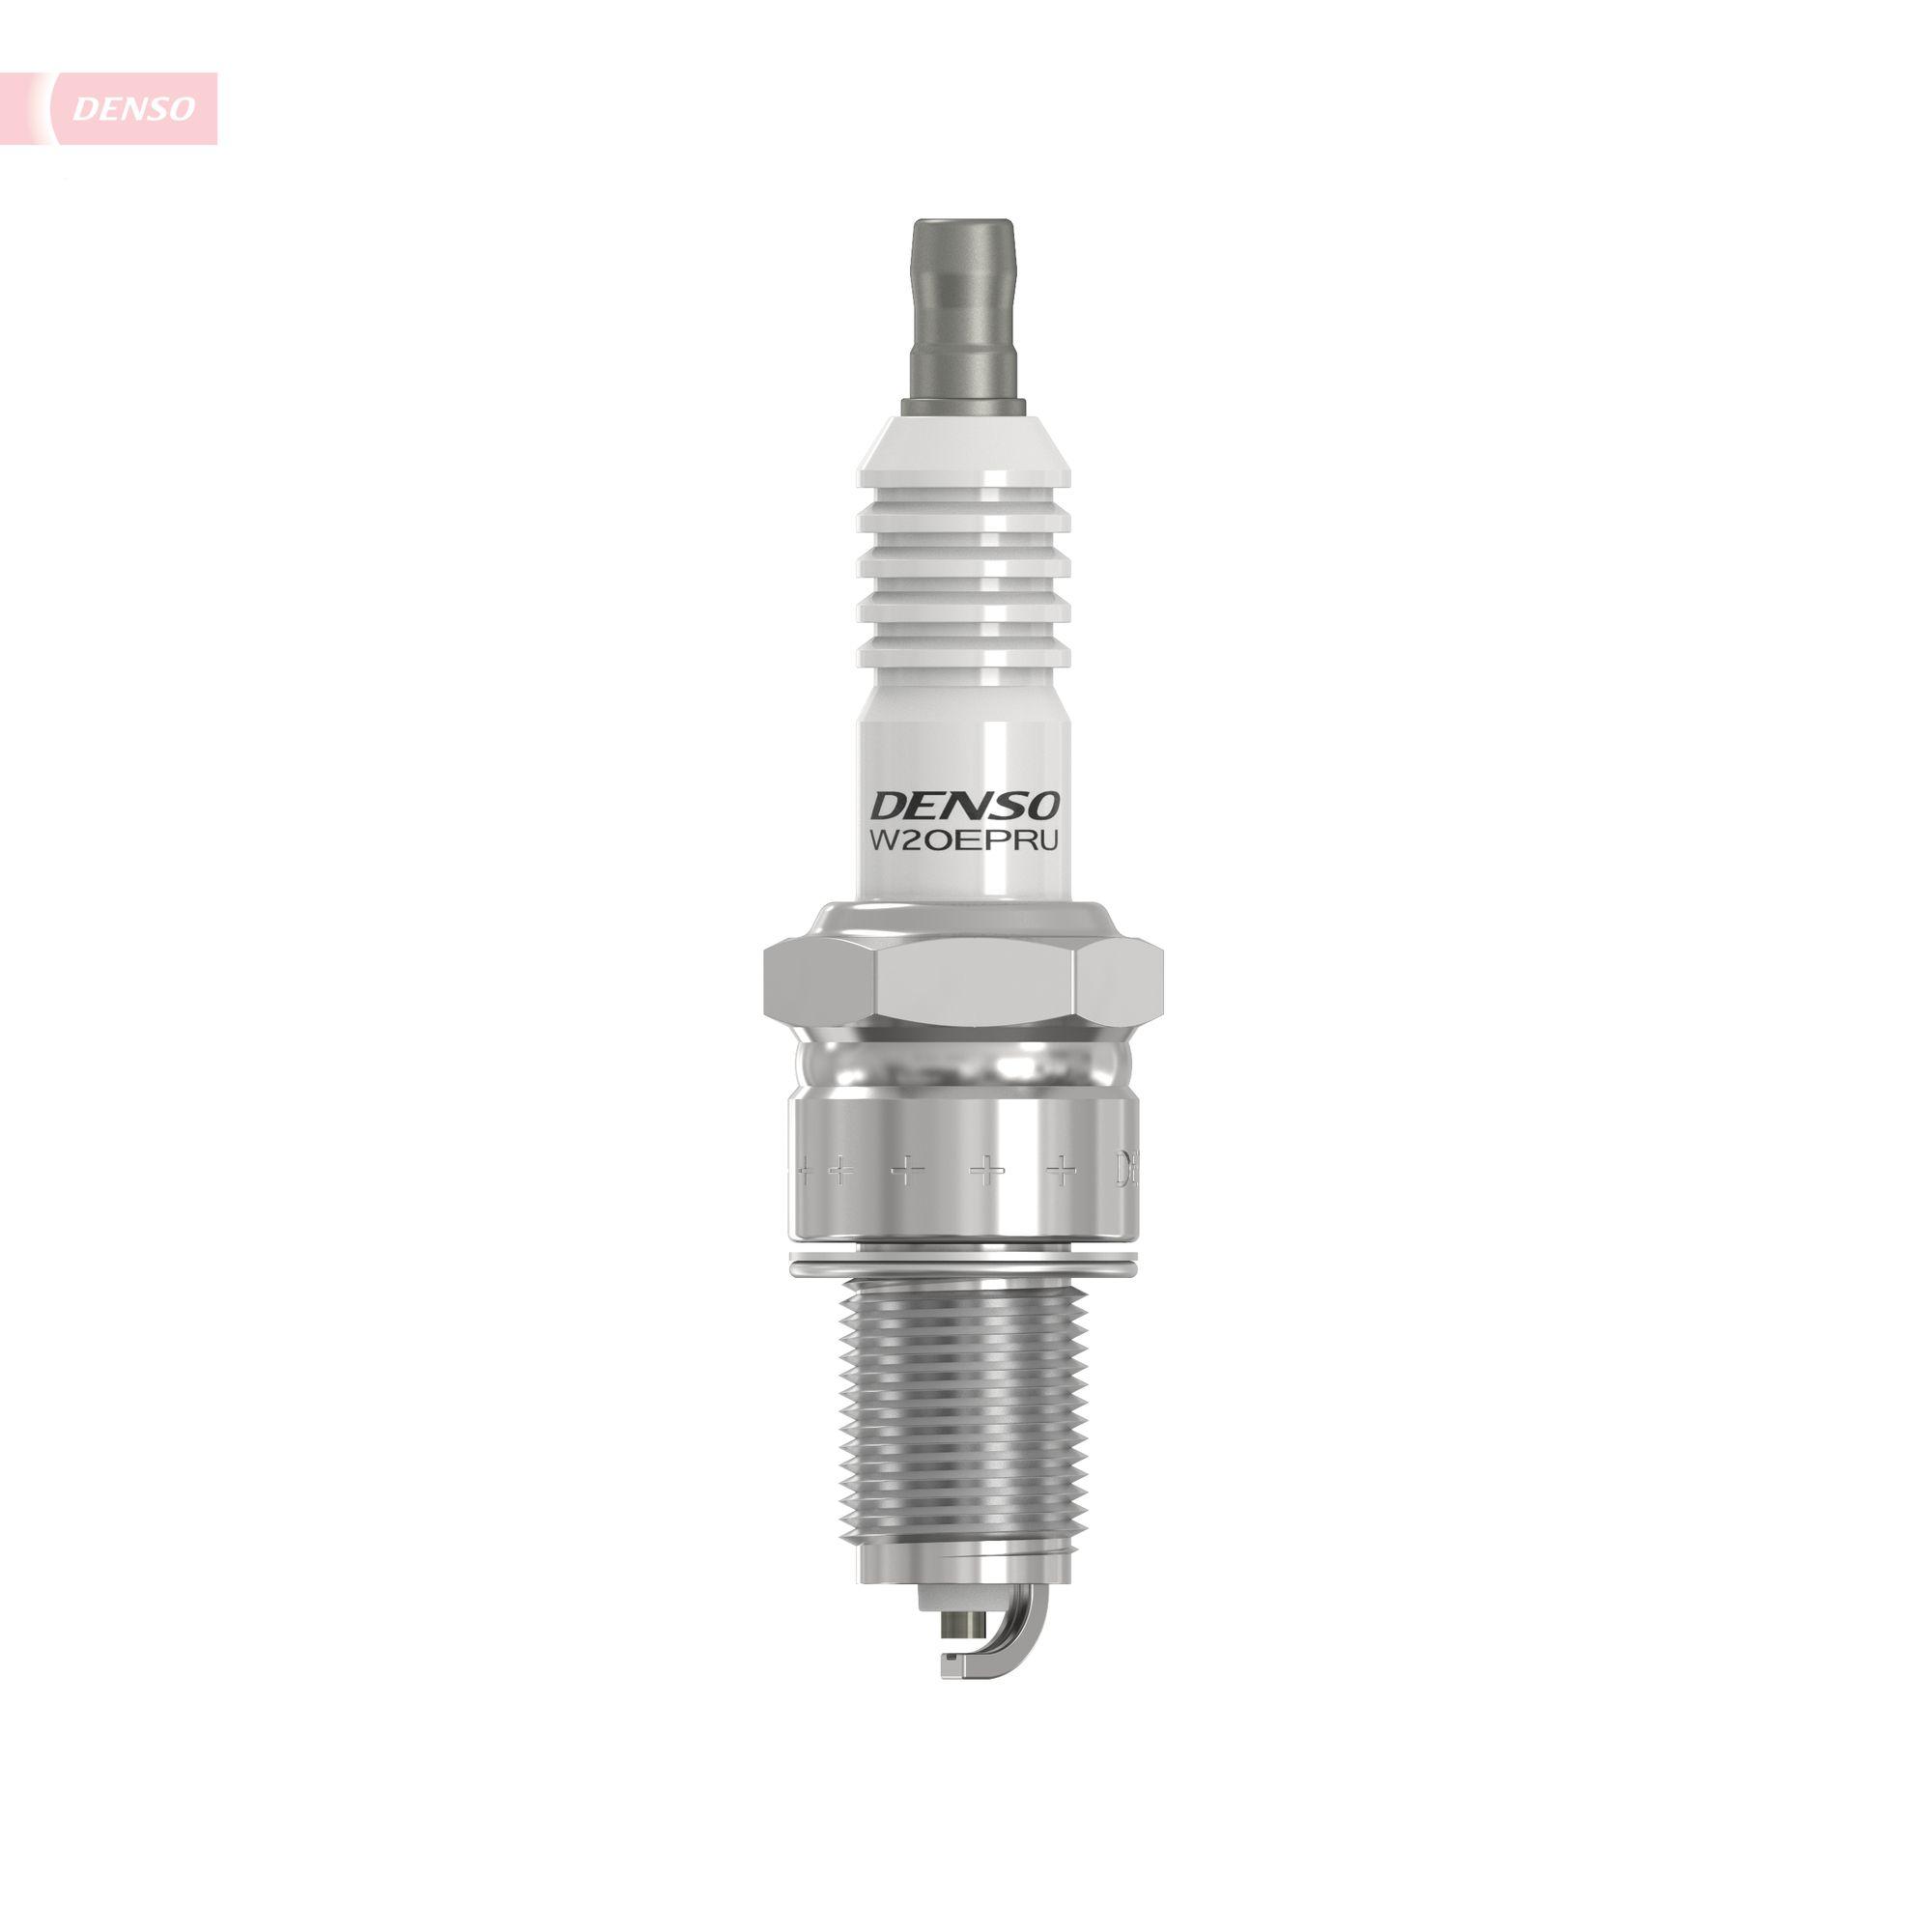 Candela W20EPR-U DENSO 3047 di qualità originale